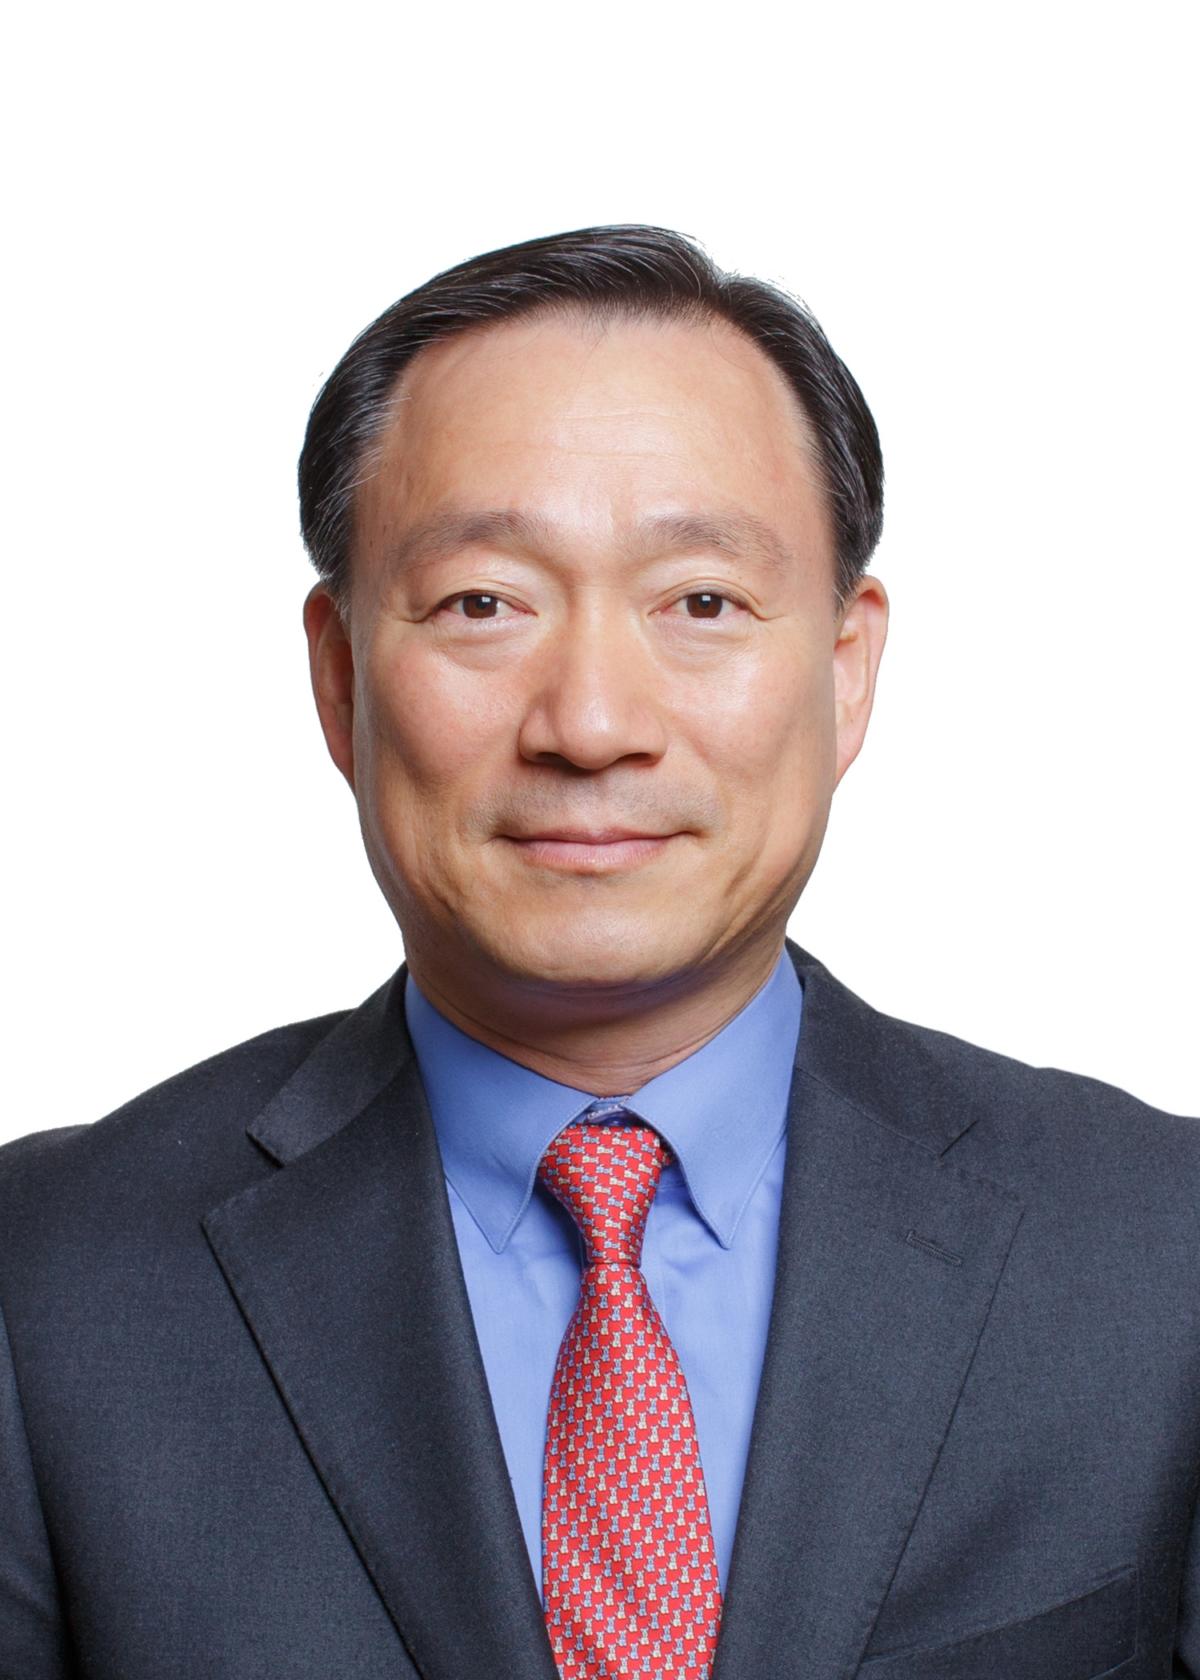 유연상 신임 대통령 경호처장 (청와대 제공)